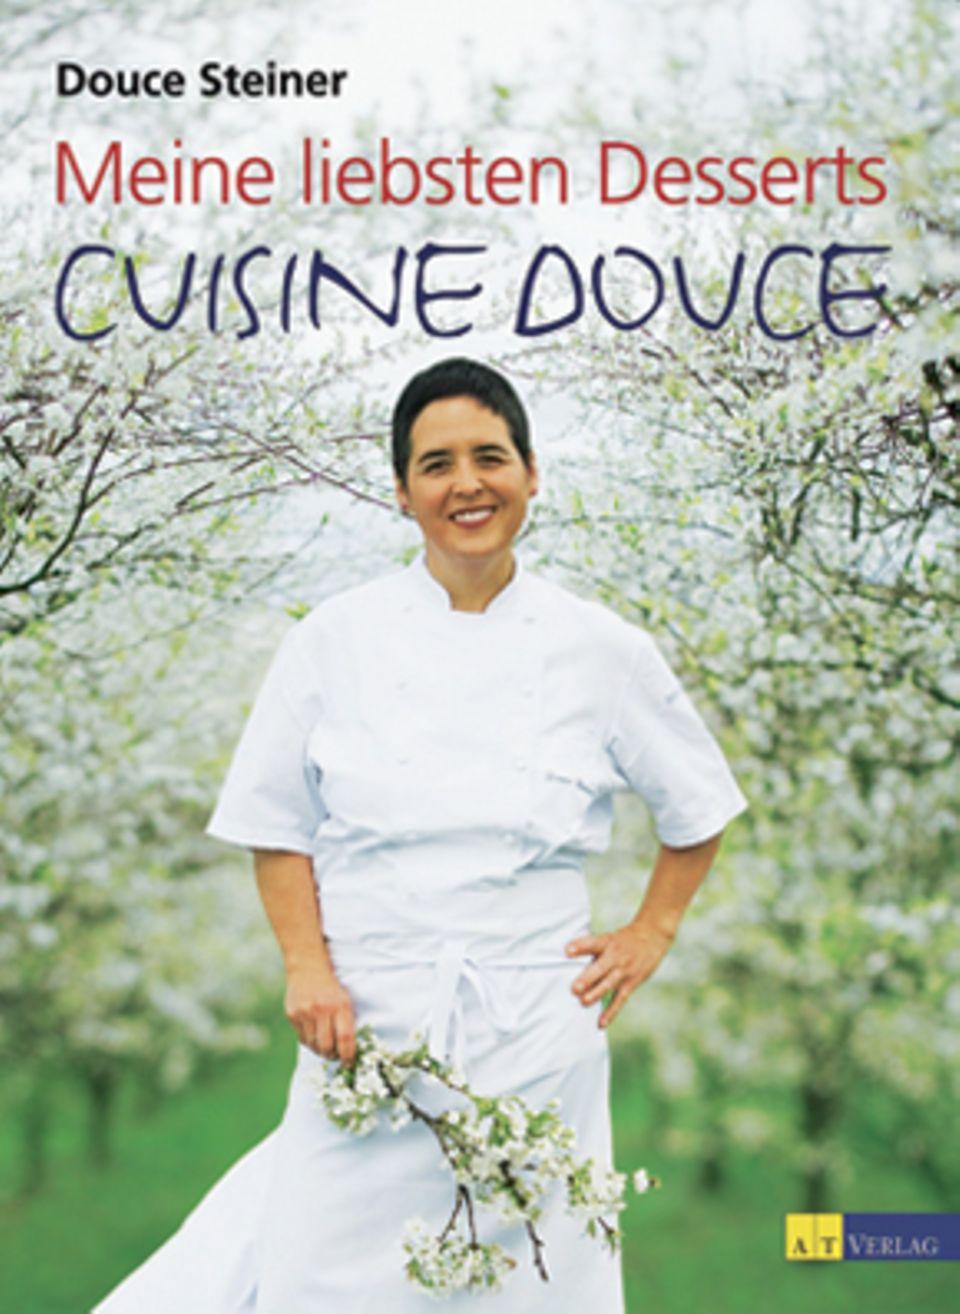 """Getreu dem Motto """"Weniger ist mehr"""" zaubert die jüngst mit dem zweiten Michelin-Stern ausgezeichnete Köchin Douce Steiner aus einfachen Produkten himmlisch-süße Überraschungen. (""""Meine liebsten Desserts – Cuisine Douce"""", AT Verlag, 176 S., 39,90 Euro)"""